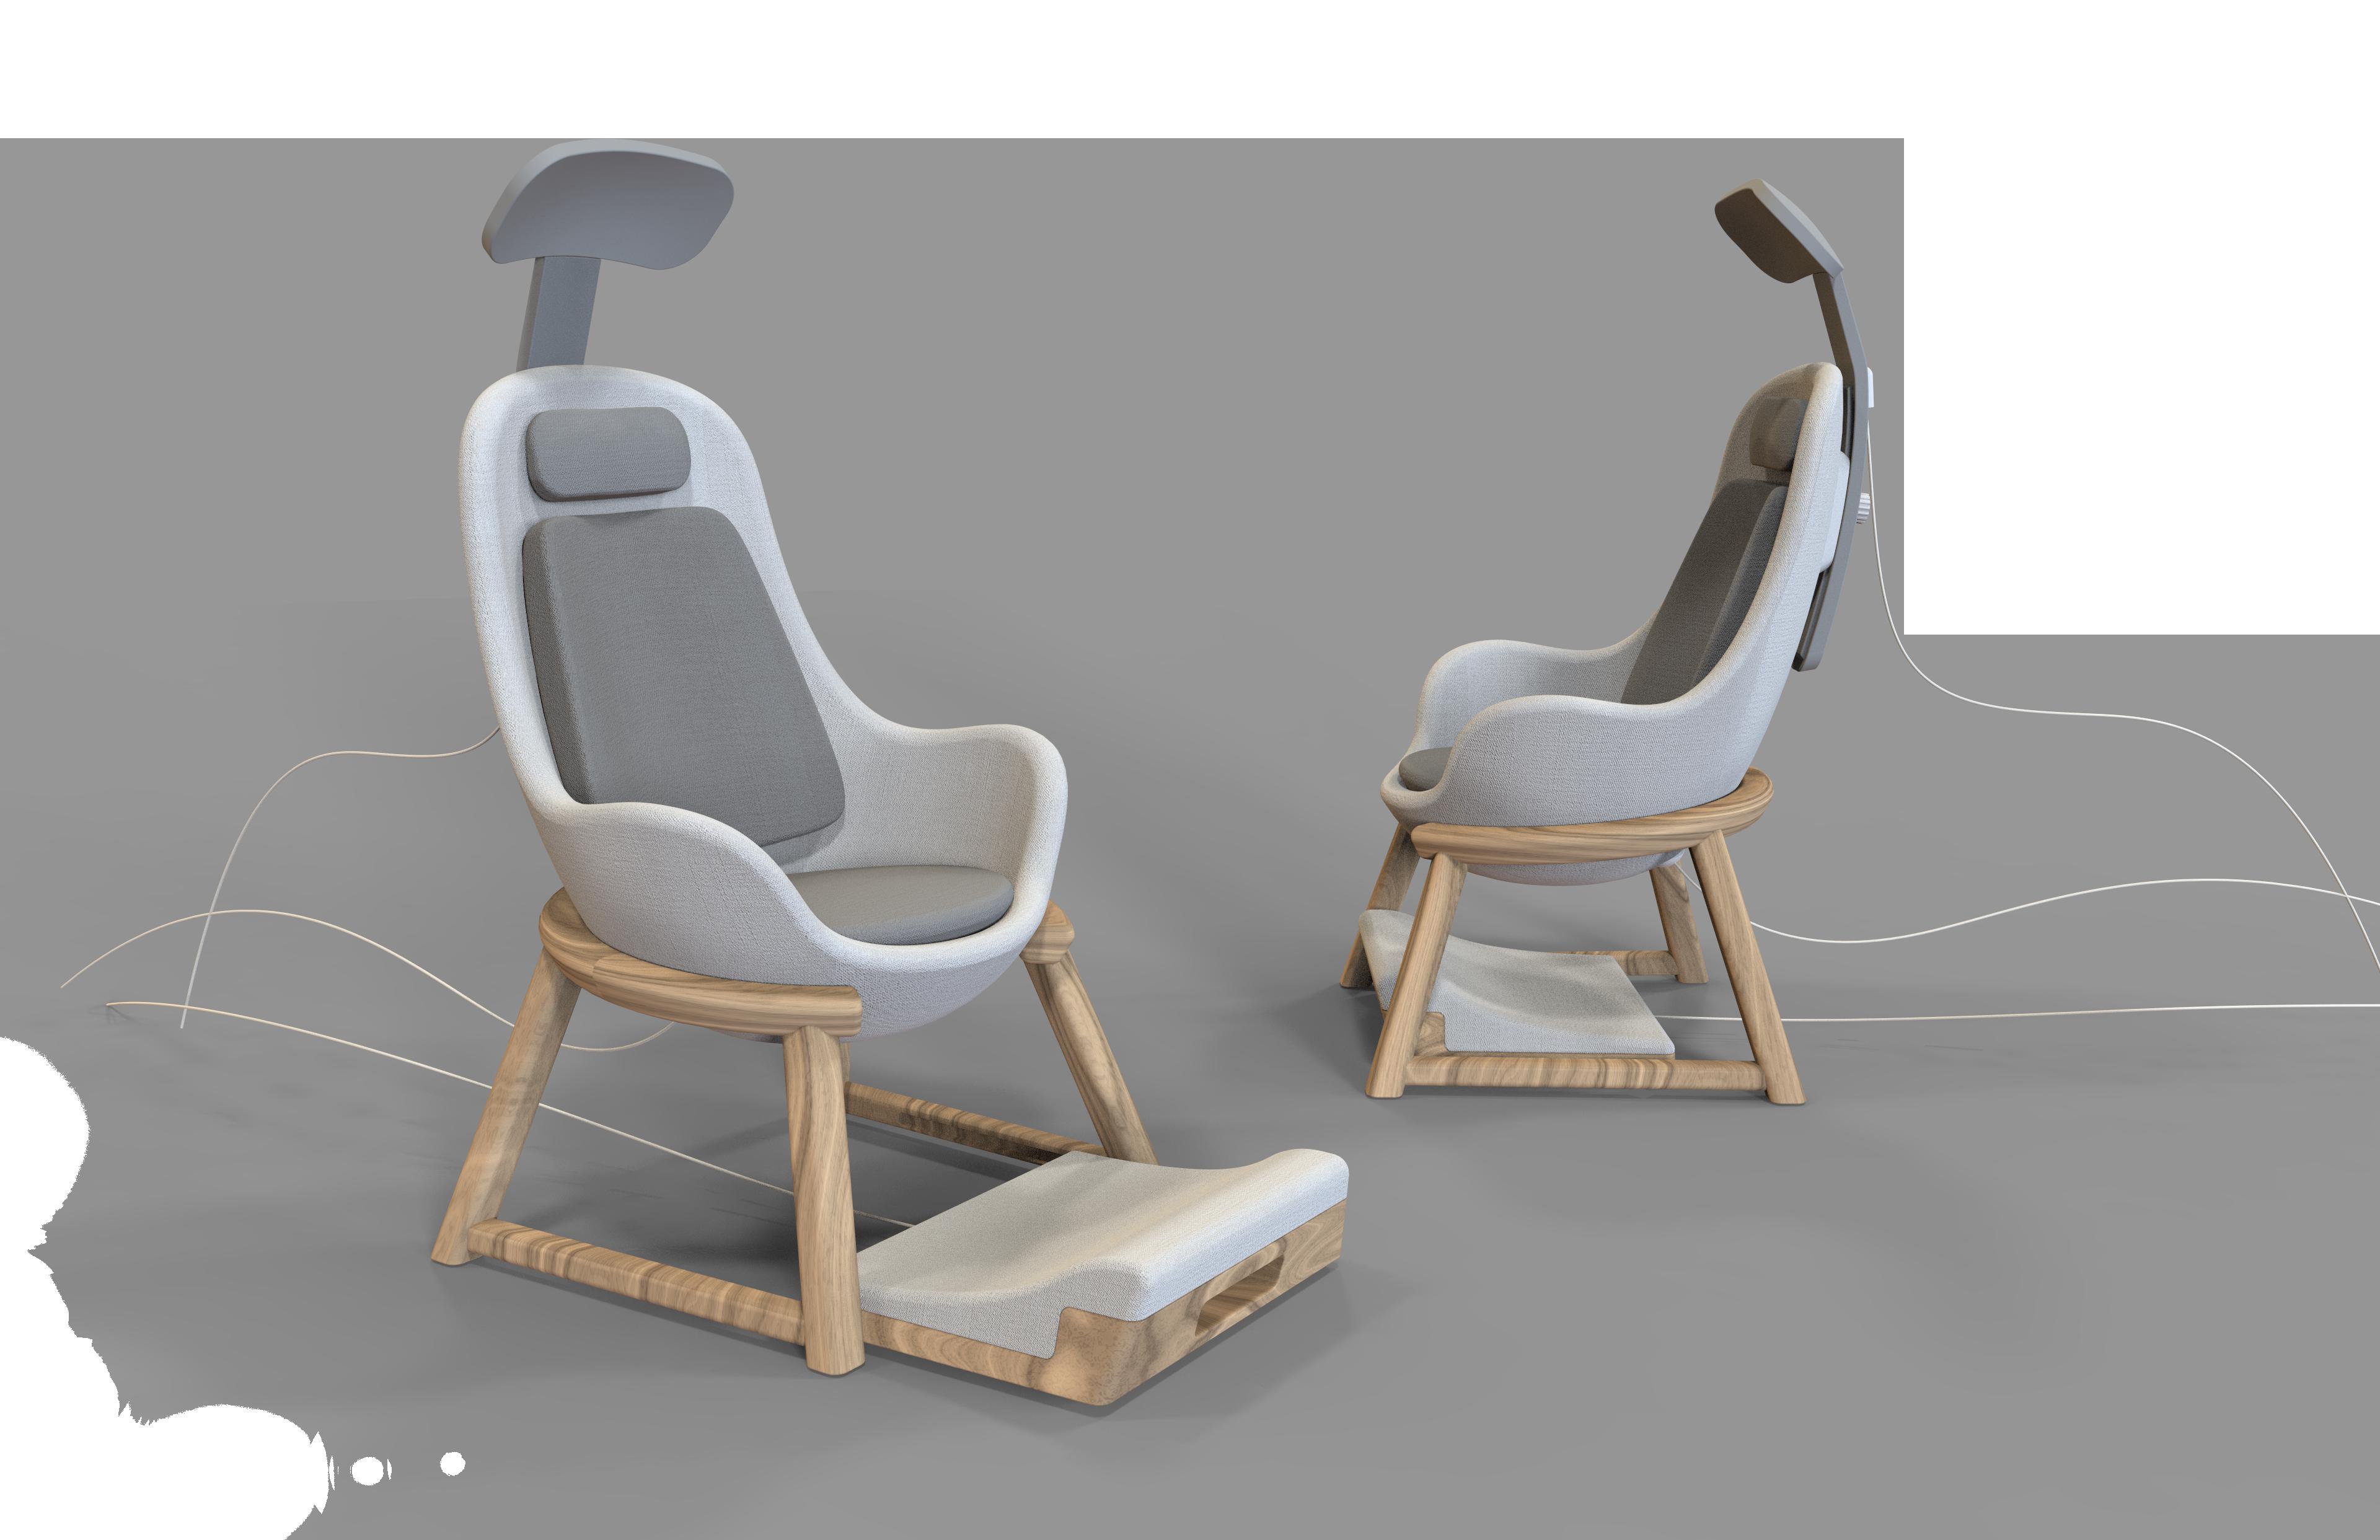 【医用产品】外观设计工业设计结构设计医疗设备器械